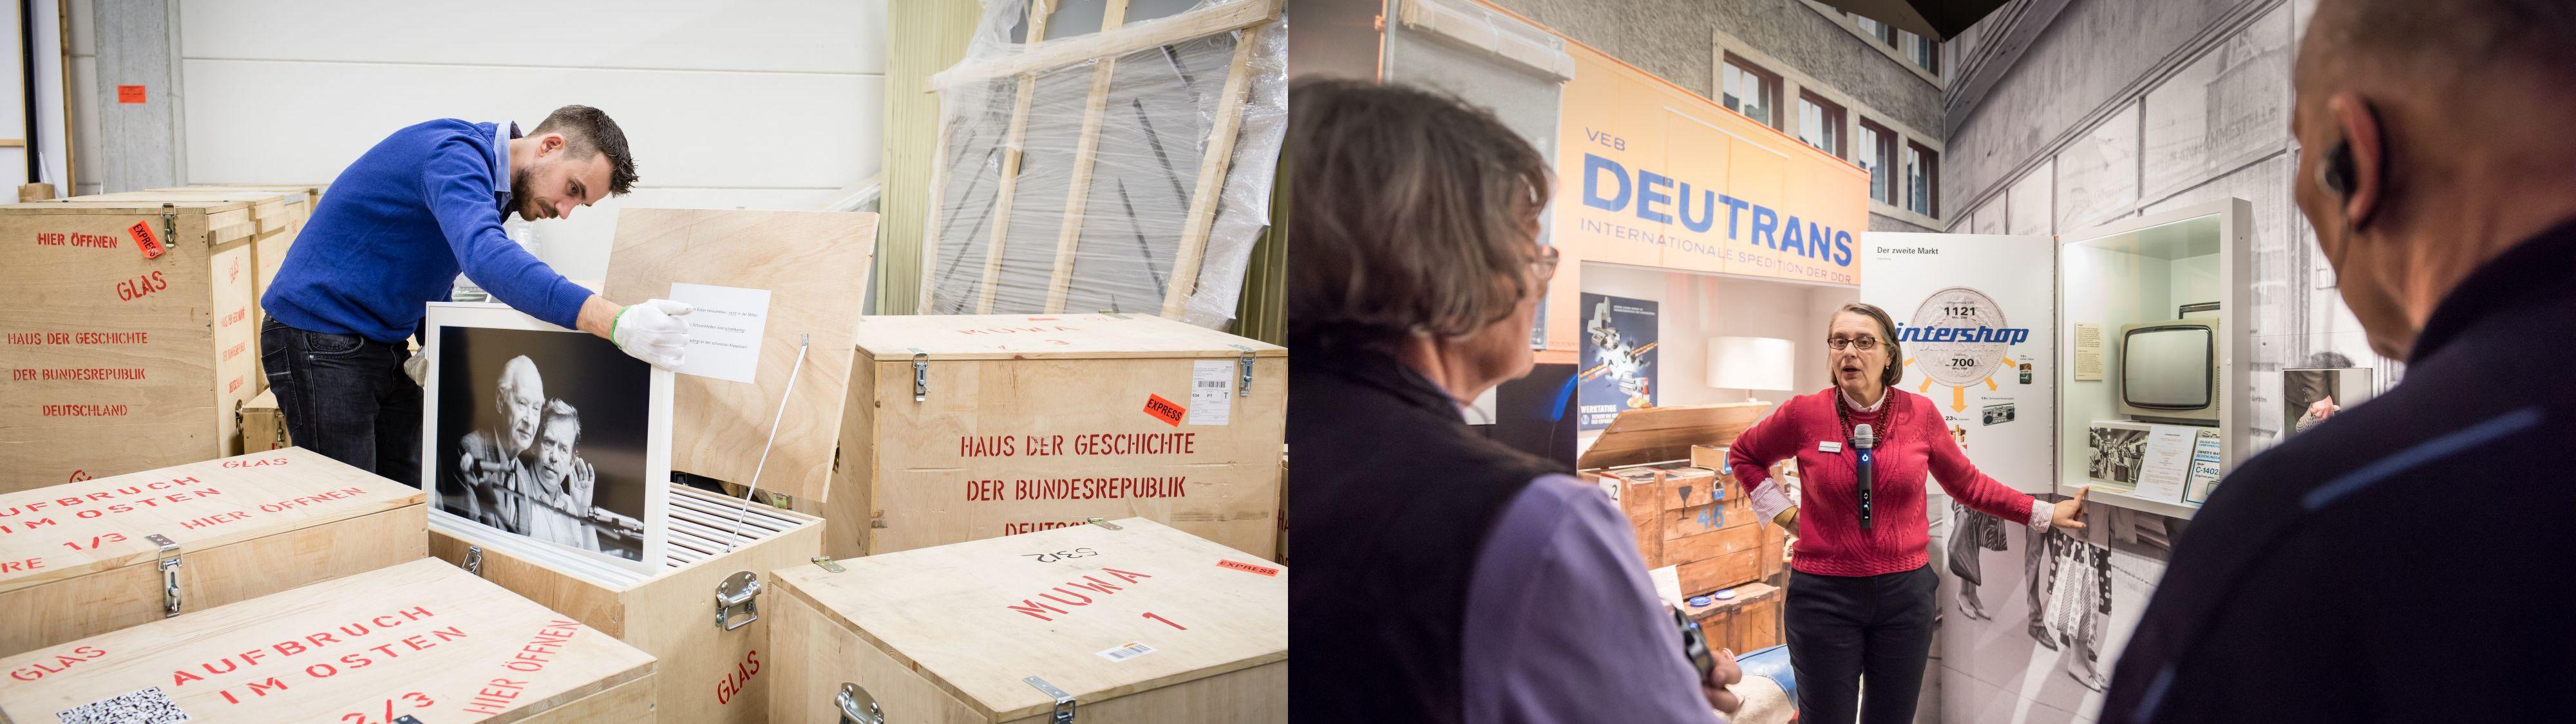 Ein Museumsmitarbeiter packt Kisten aus, daneben Begleitung in einer Ausstellung